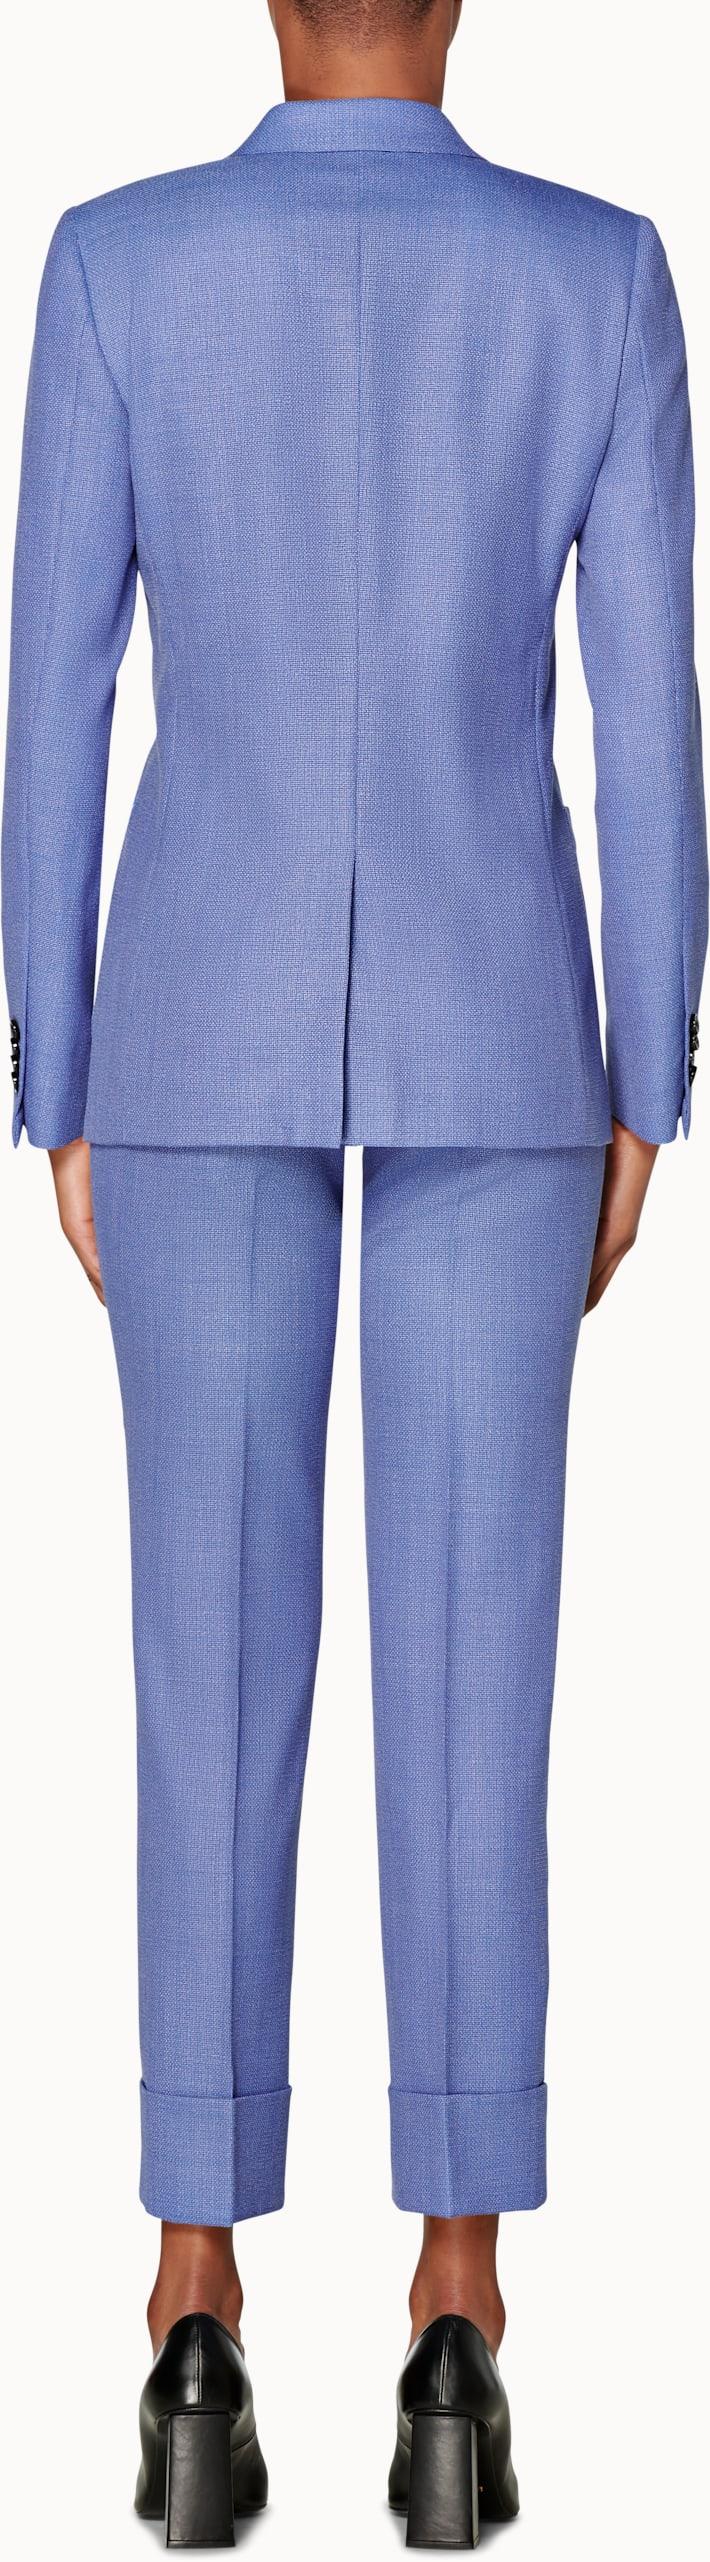 Joss Lavender Suit